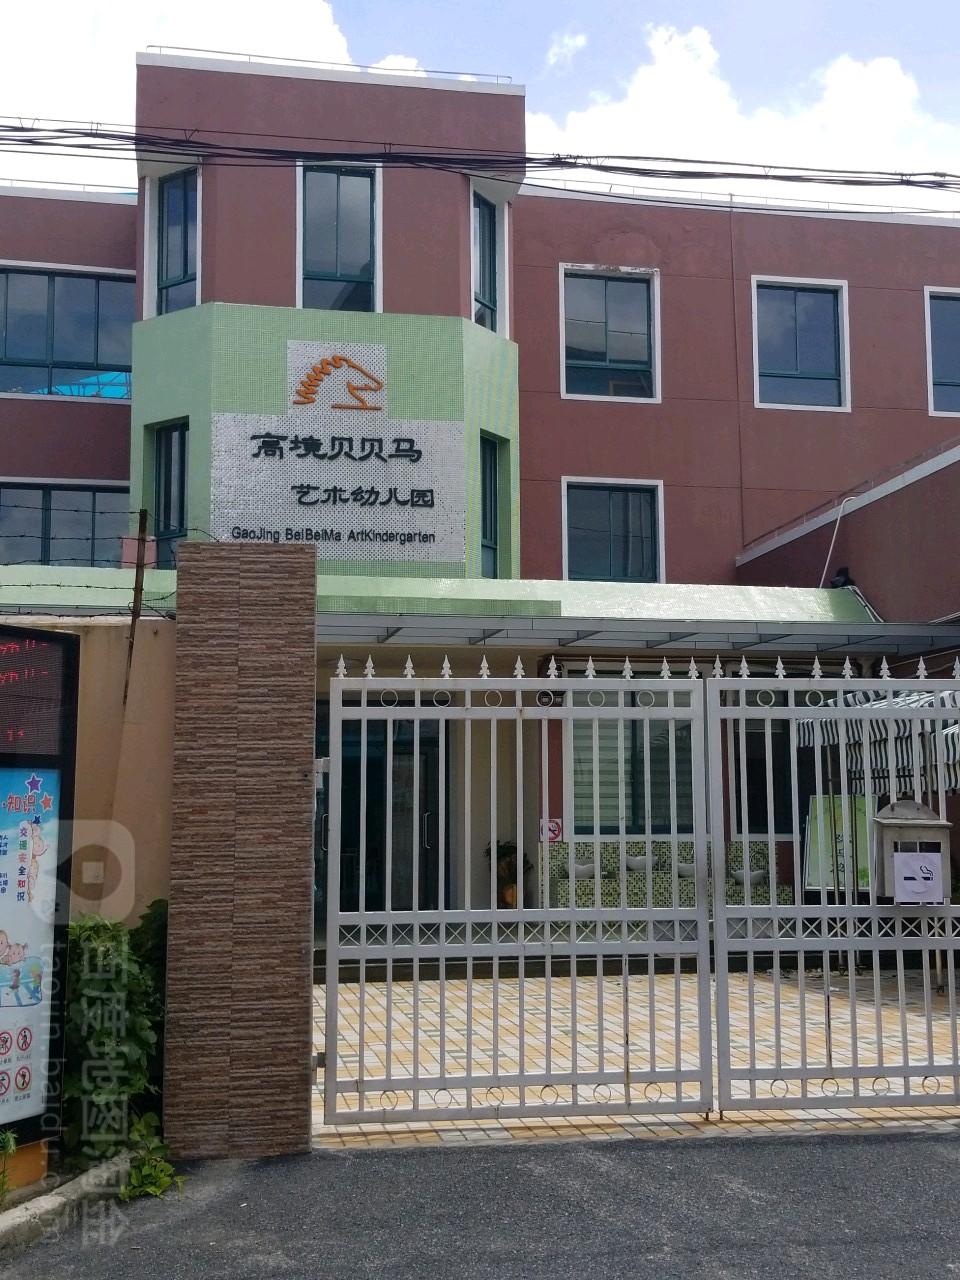 上海宝山区高境贝贝马艺术幼儿园